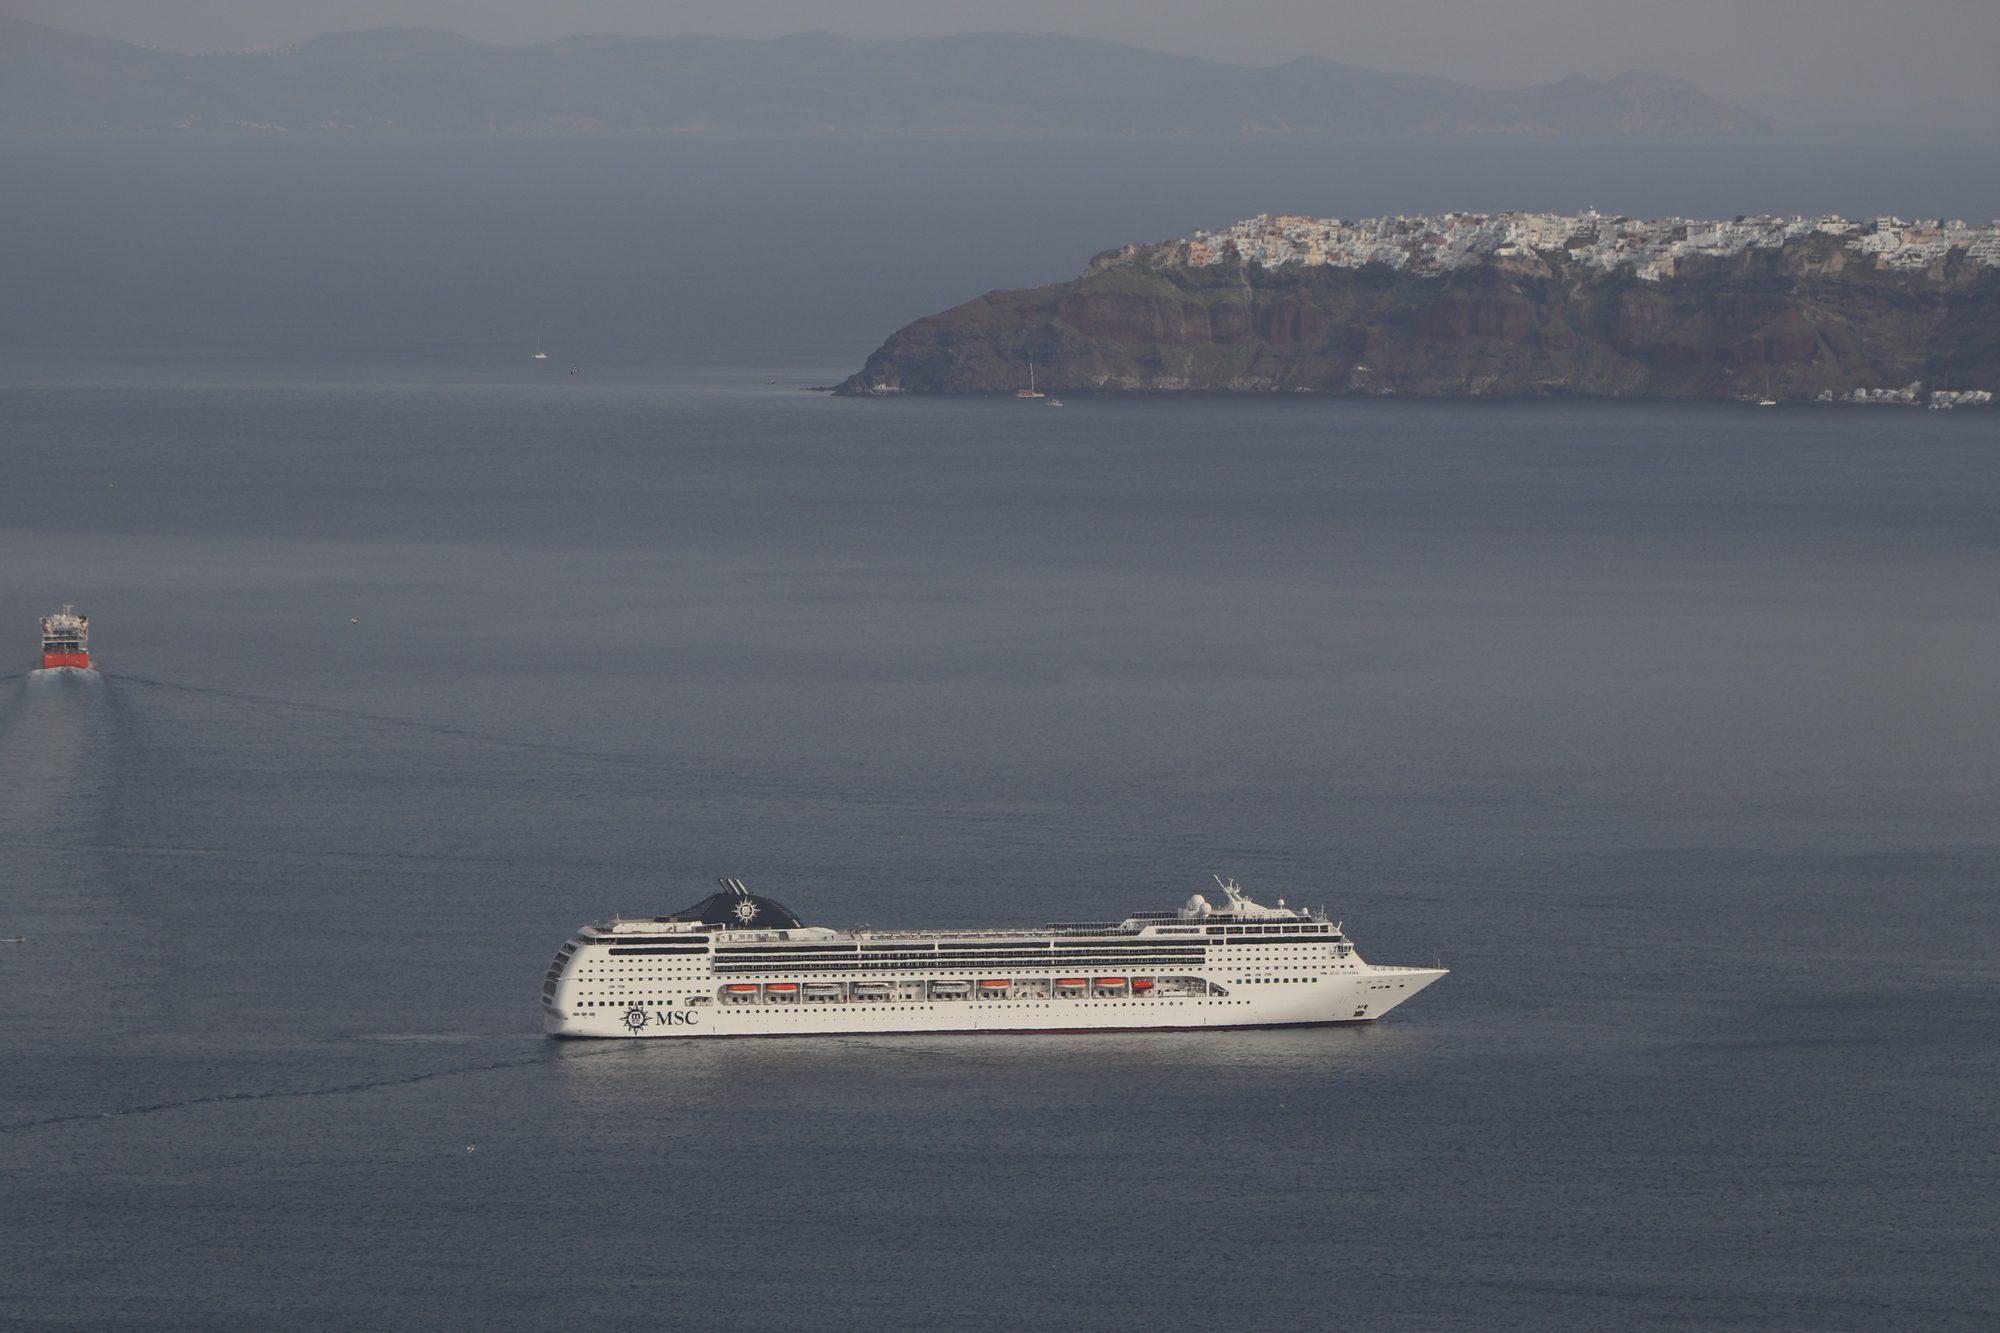 Die MSC Opera in der Caldera von Santorin